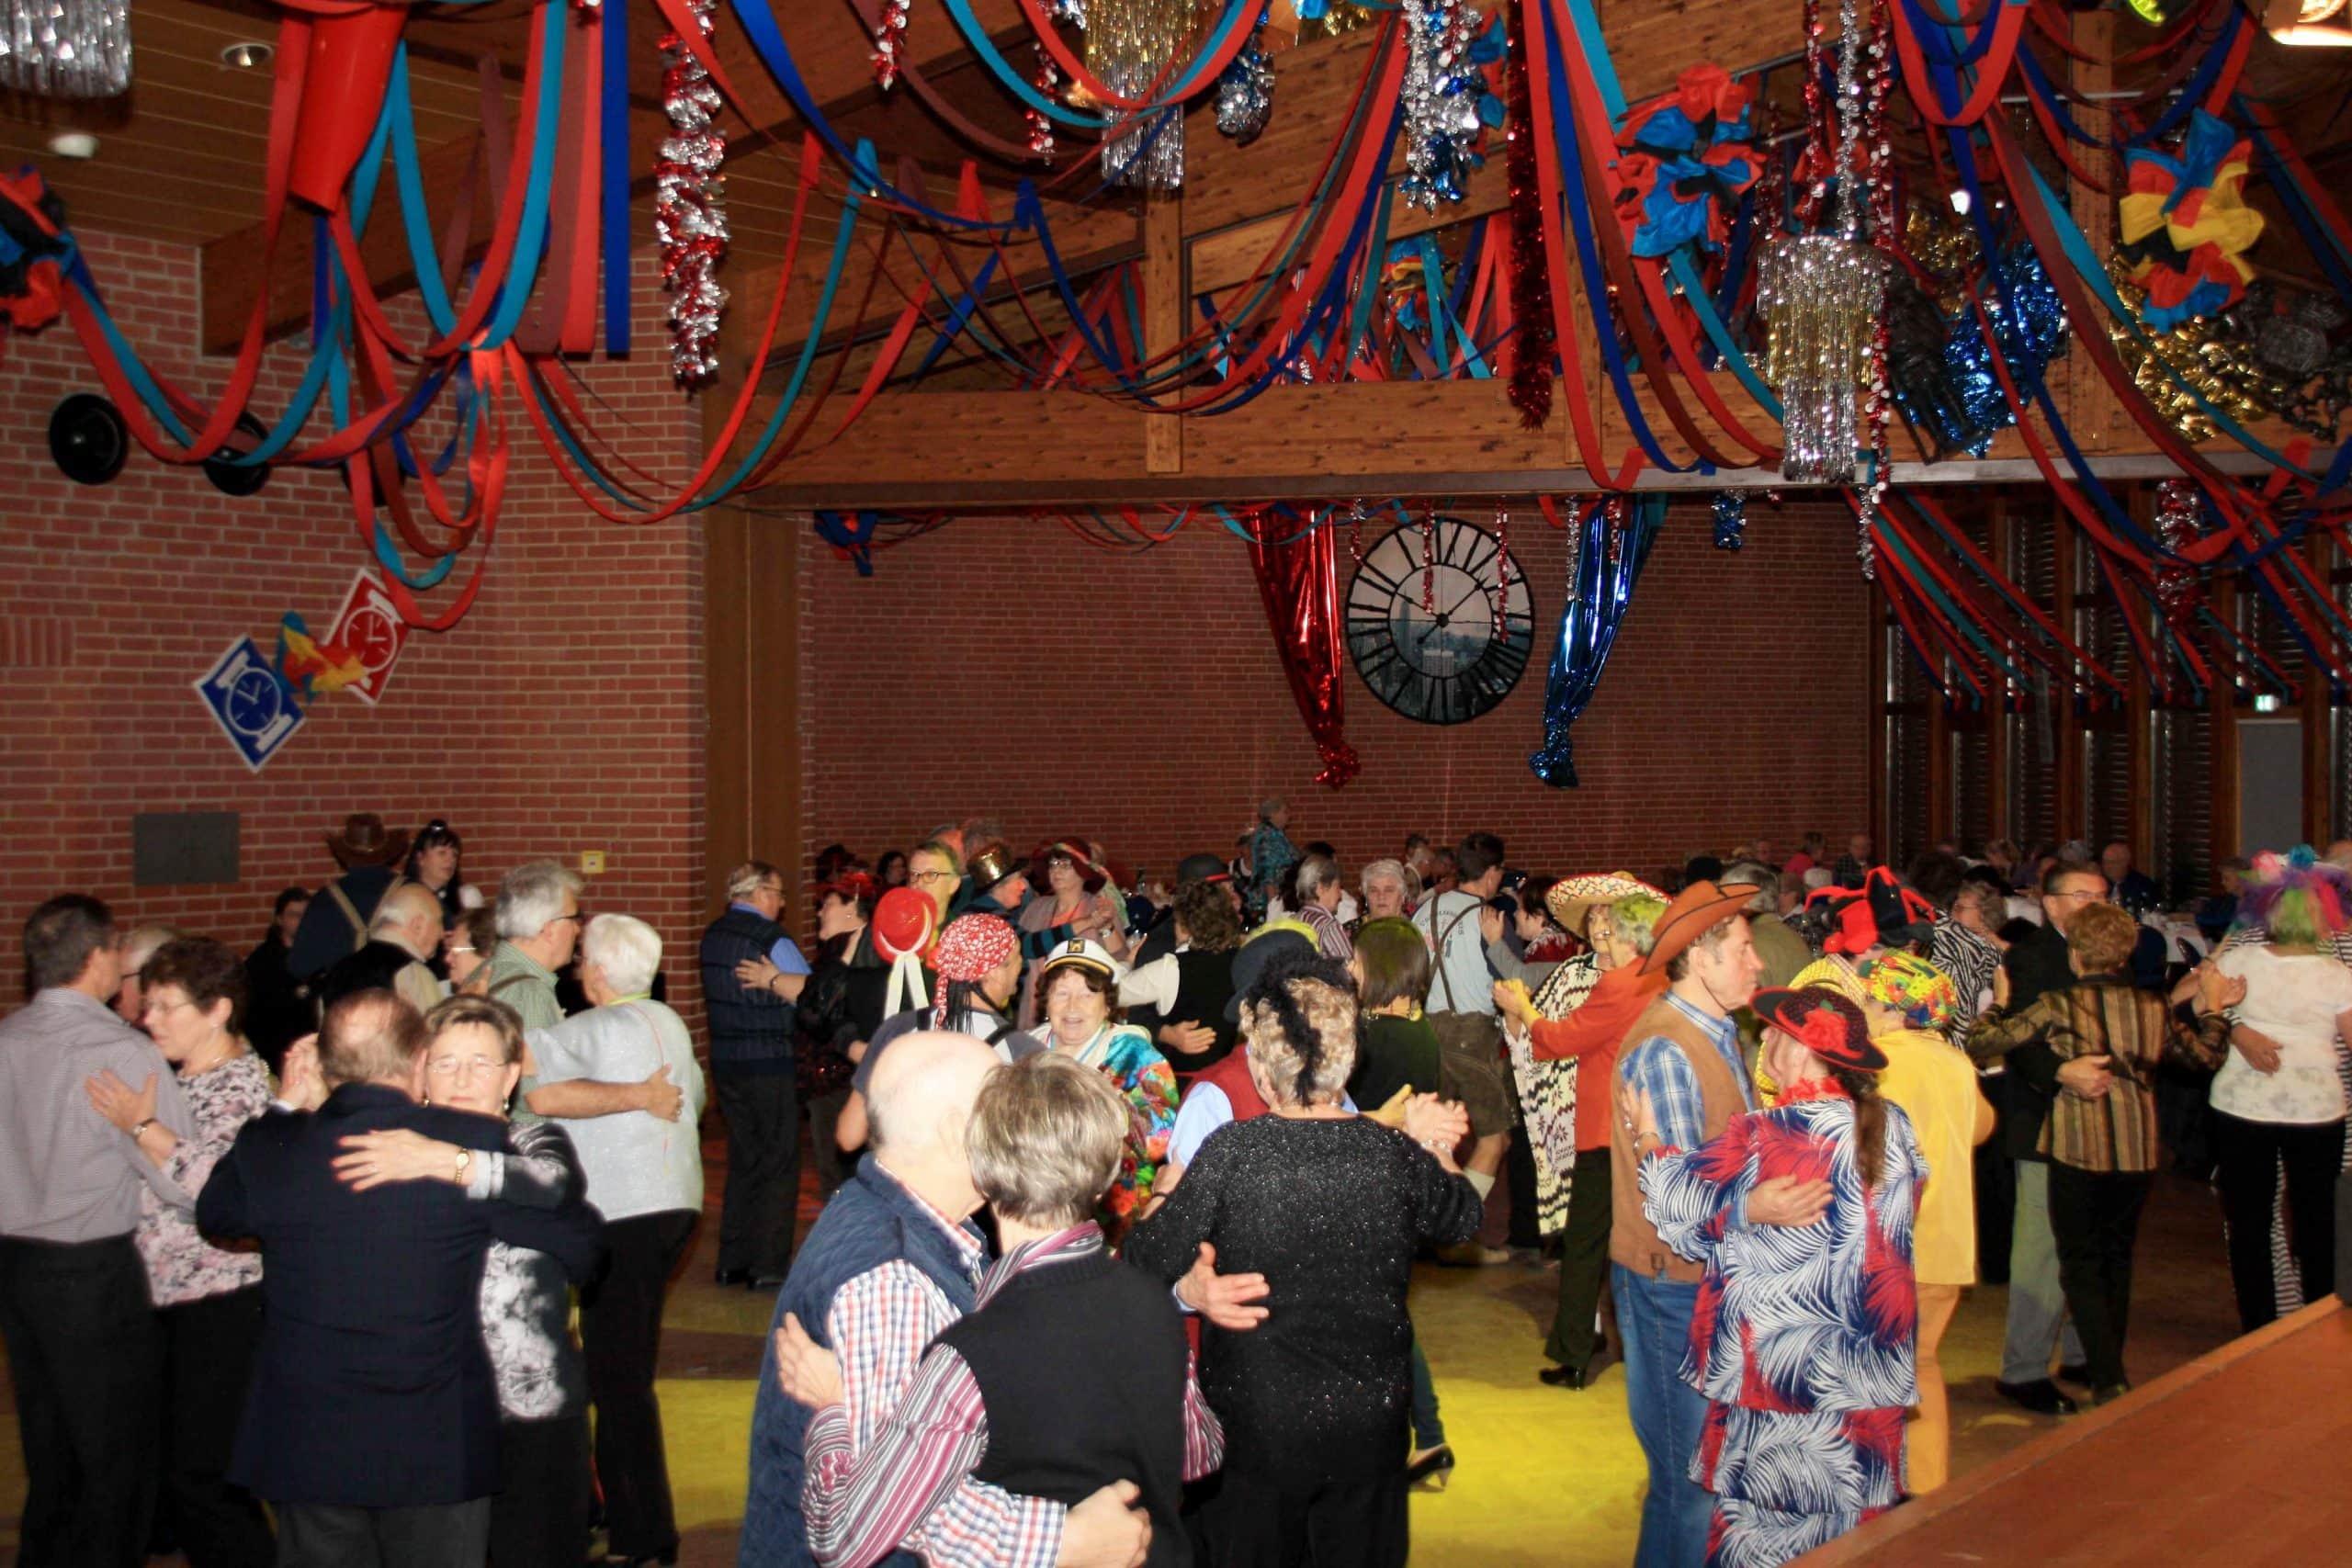 Fünfte Jahreszeit in Neutraubling Am 16.2. ist wieder Seniorenfasching